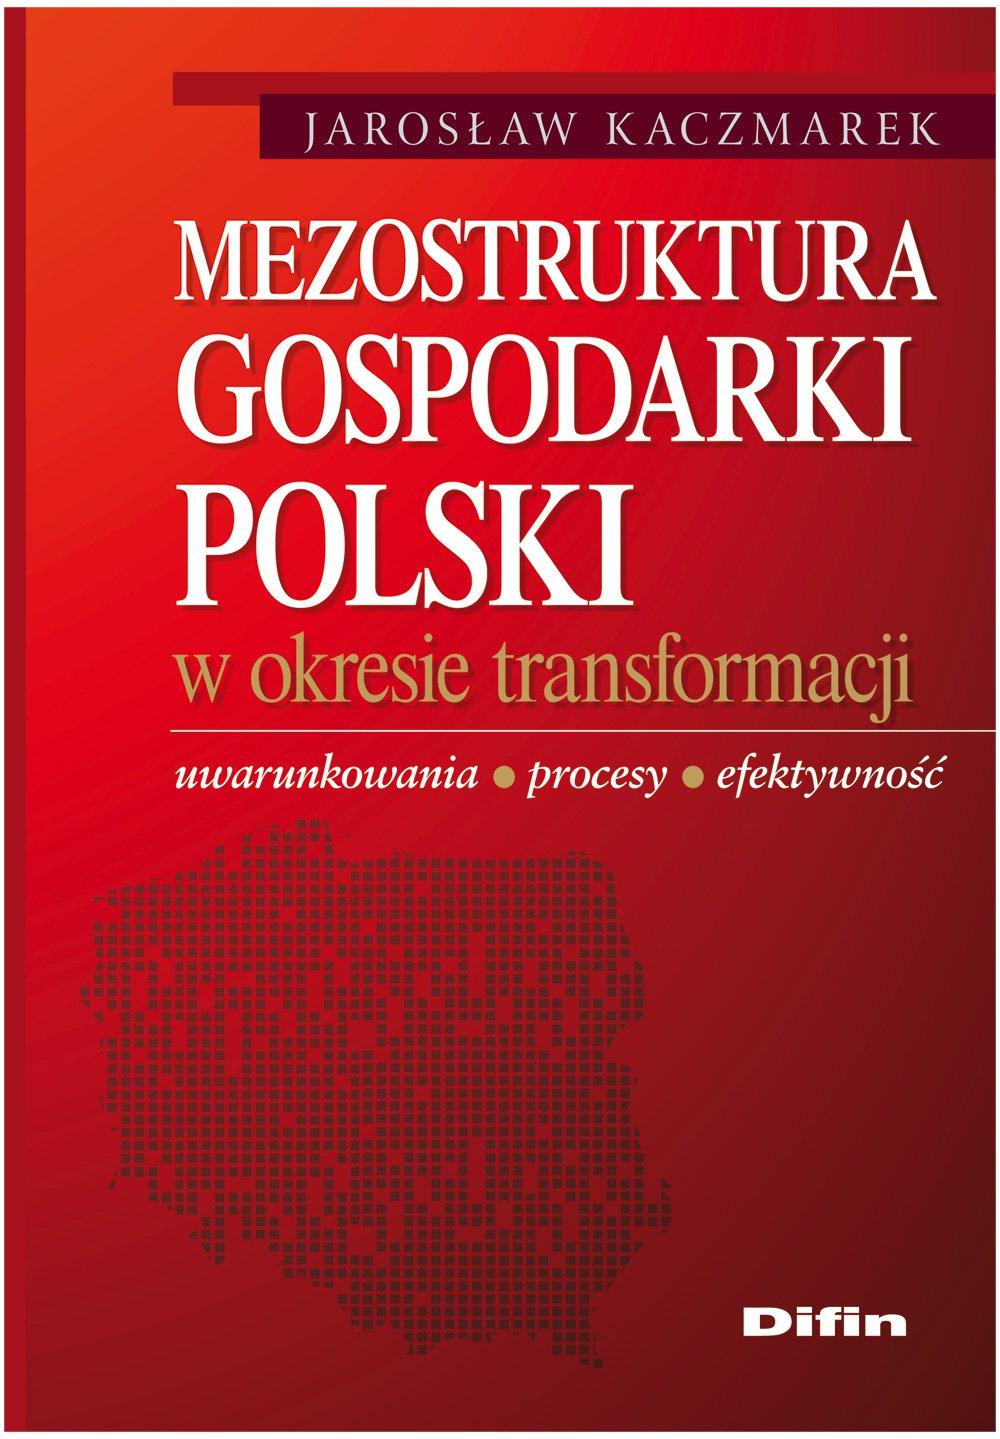 Mezostruktura gospodarki Polski w okresie transformacji. Uwarunkowania, procesy, efektywność - Ebook (Książka PDF) do pobrania w formacie PDF